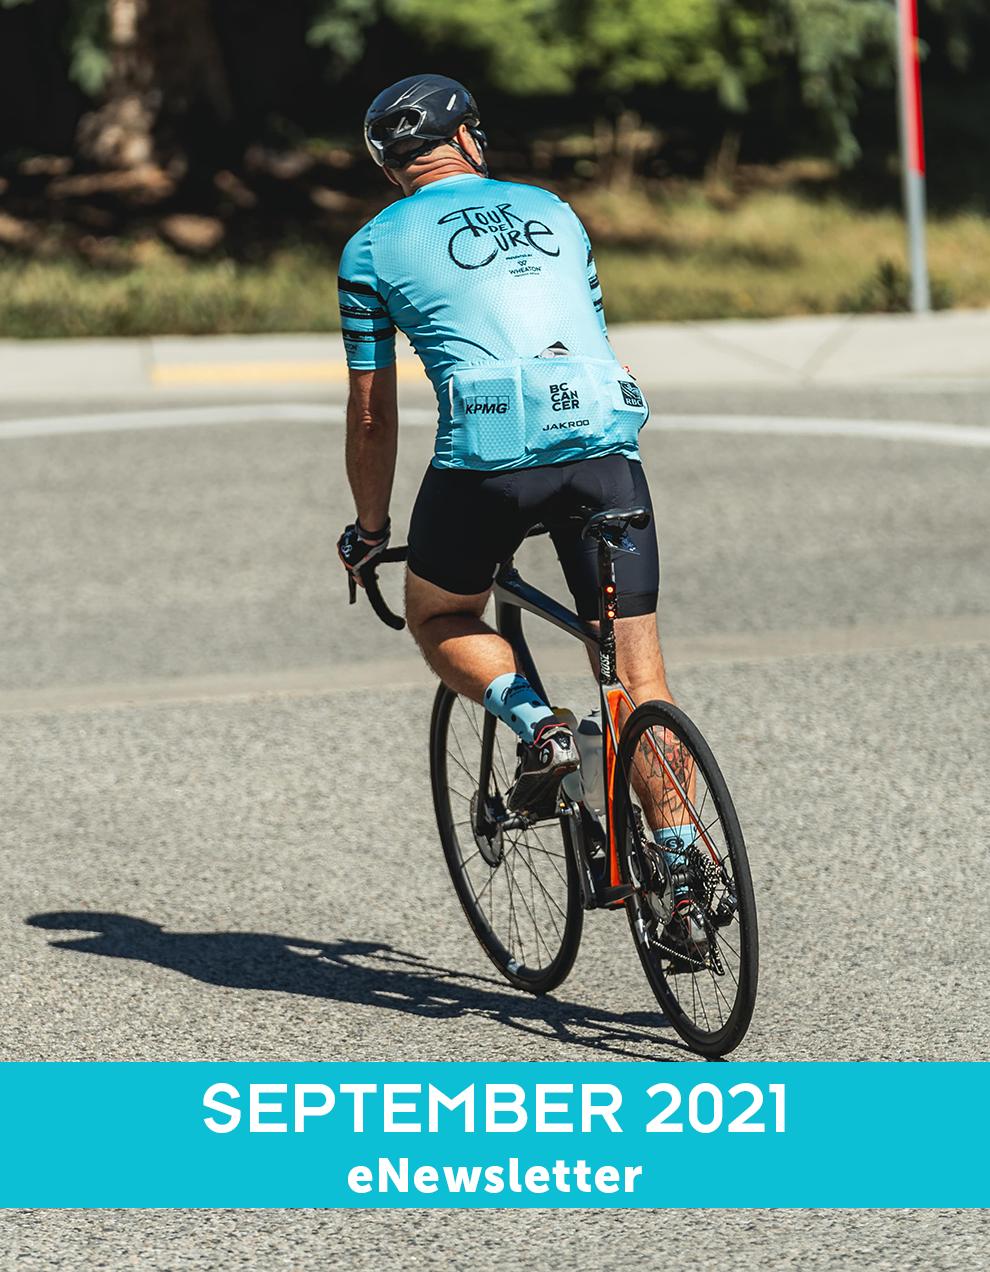 eNews - September 2021